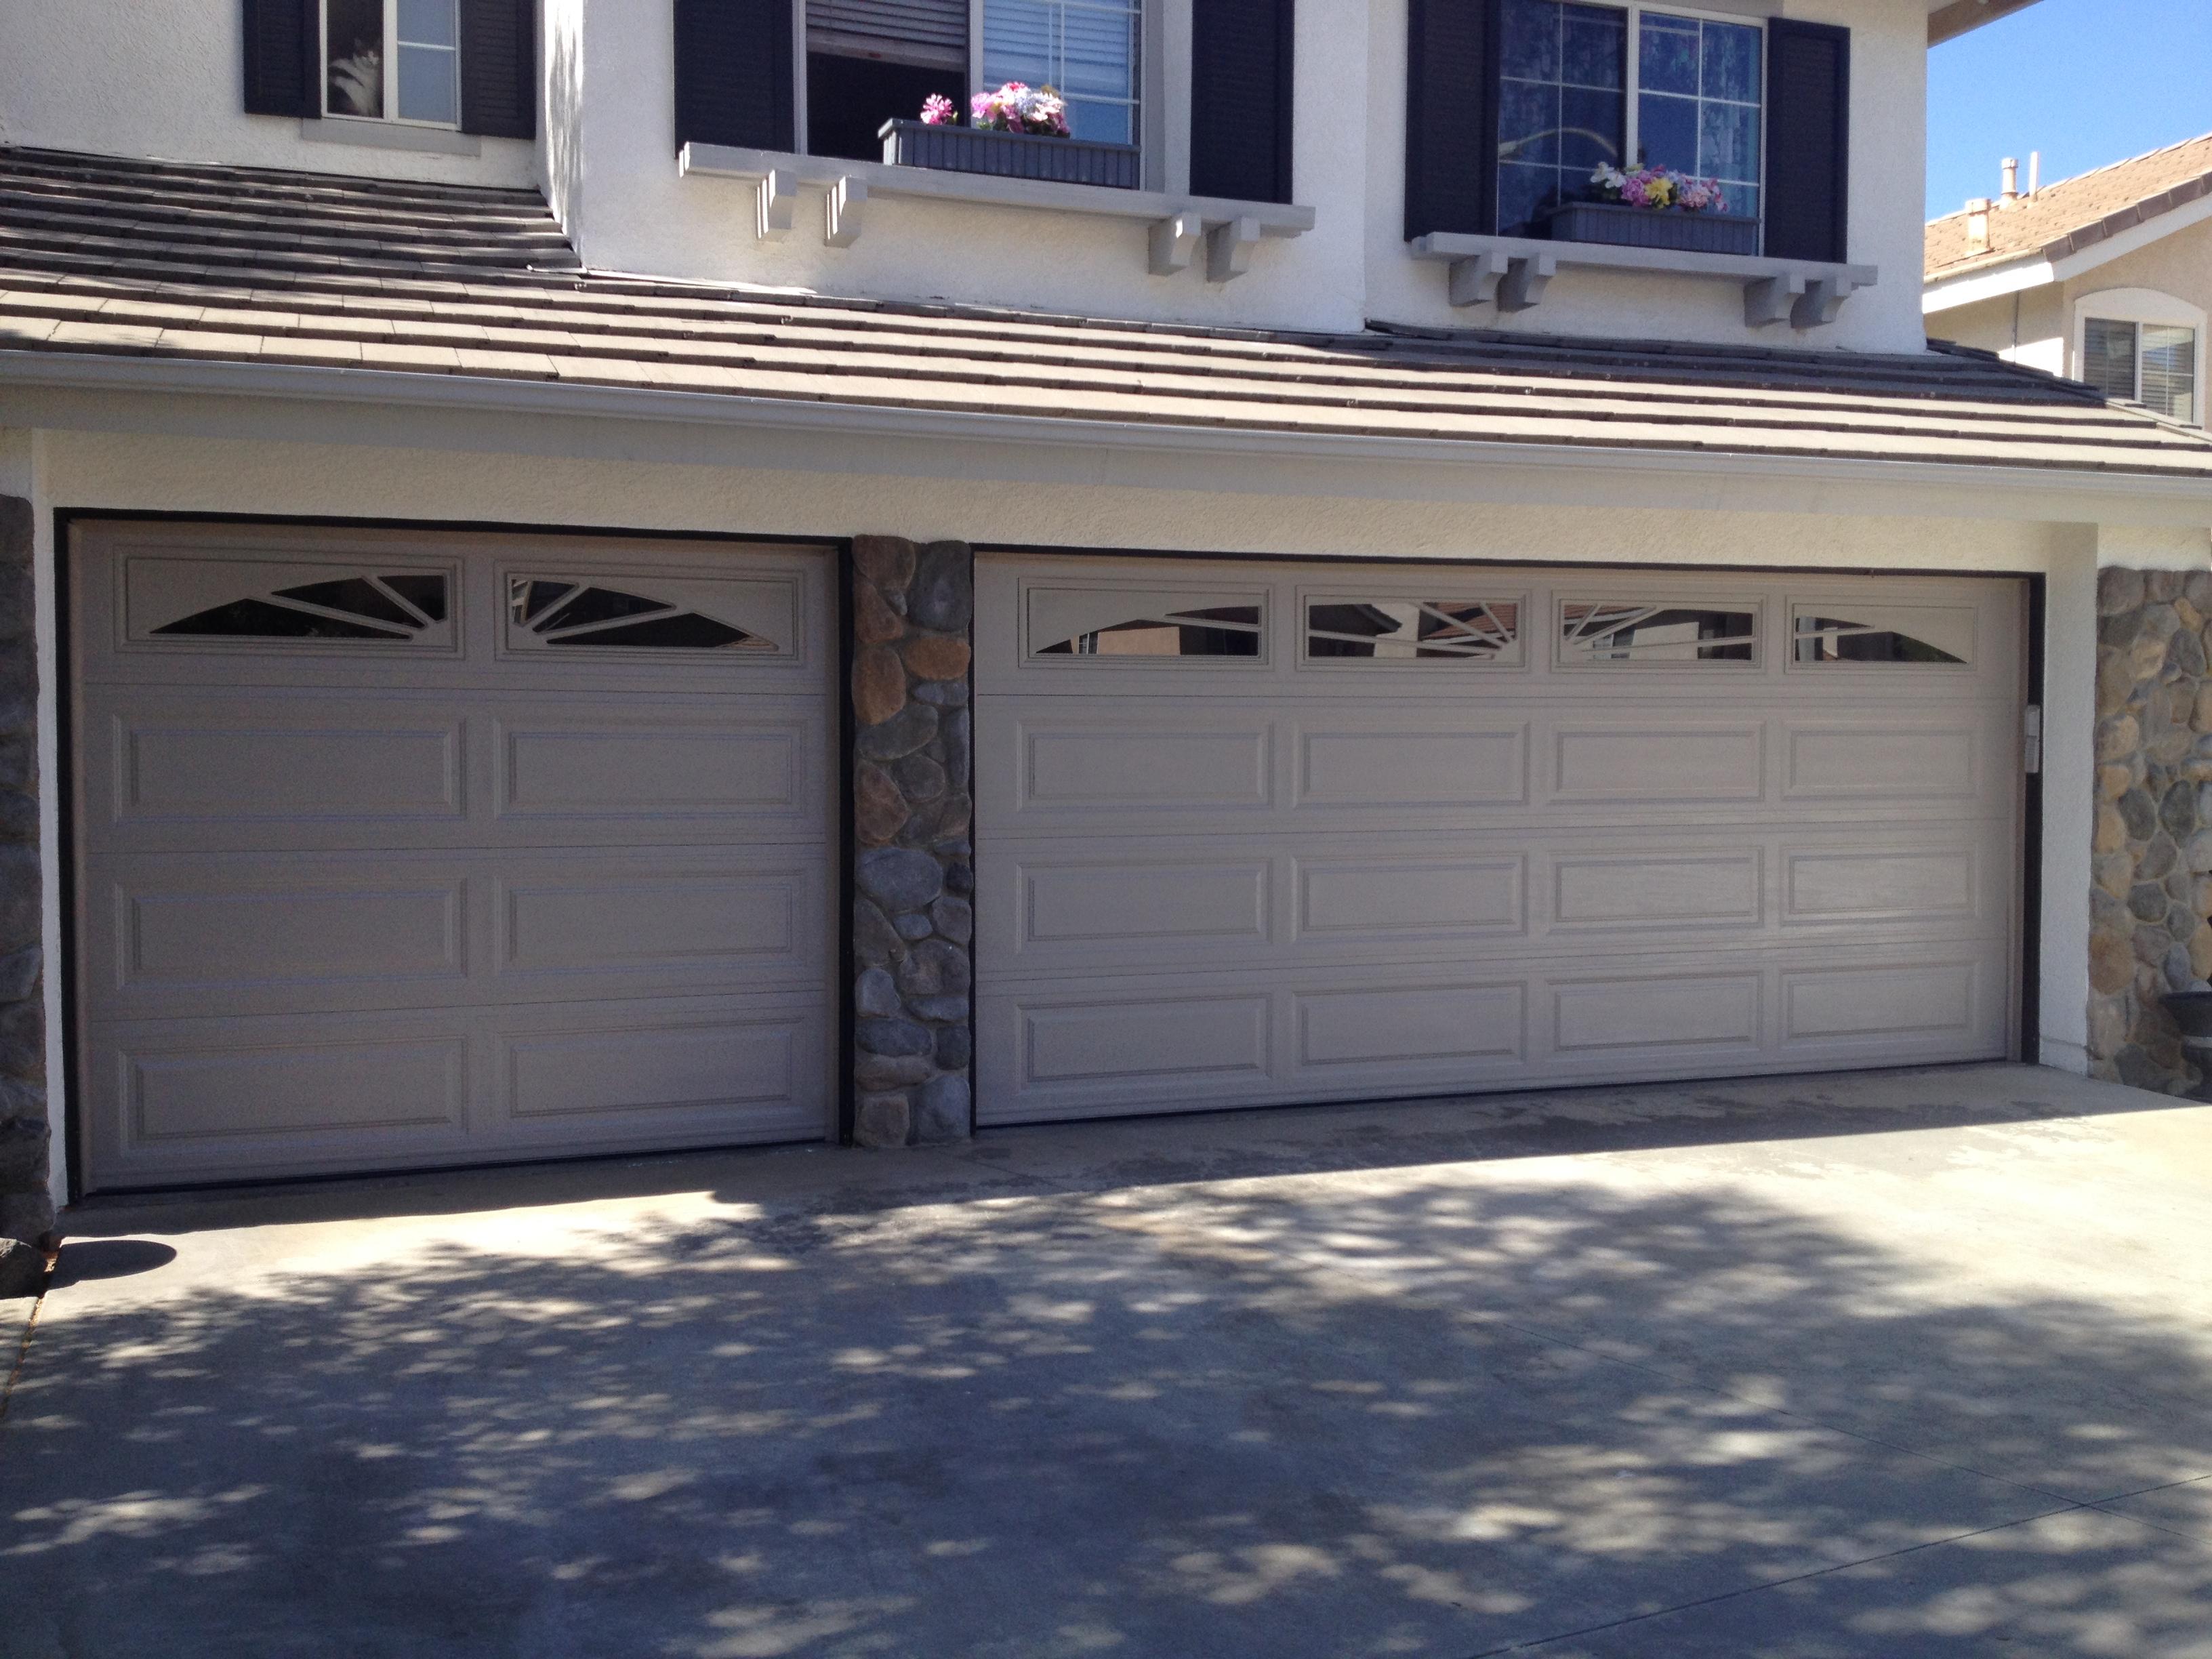 9 Garage Door Cost Of 2 Car Garage Insulation Marvelous